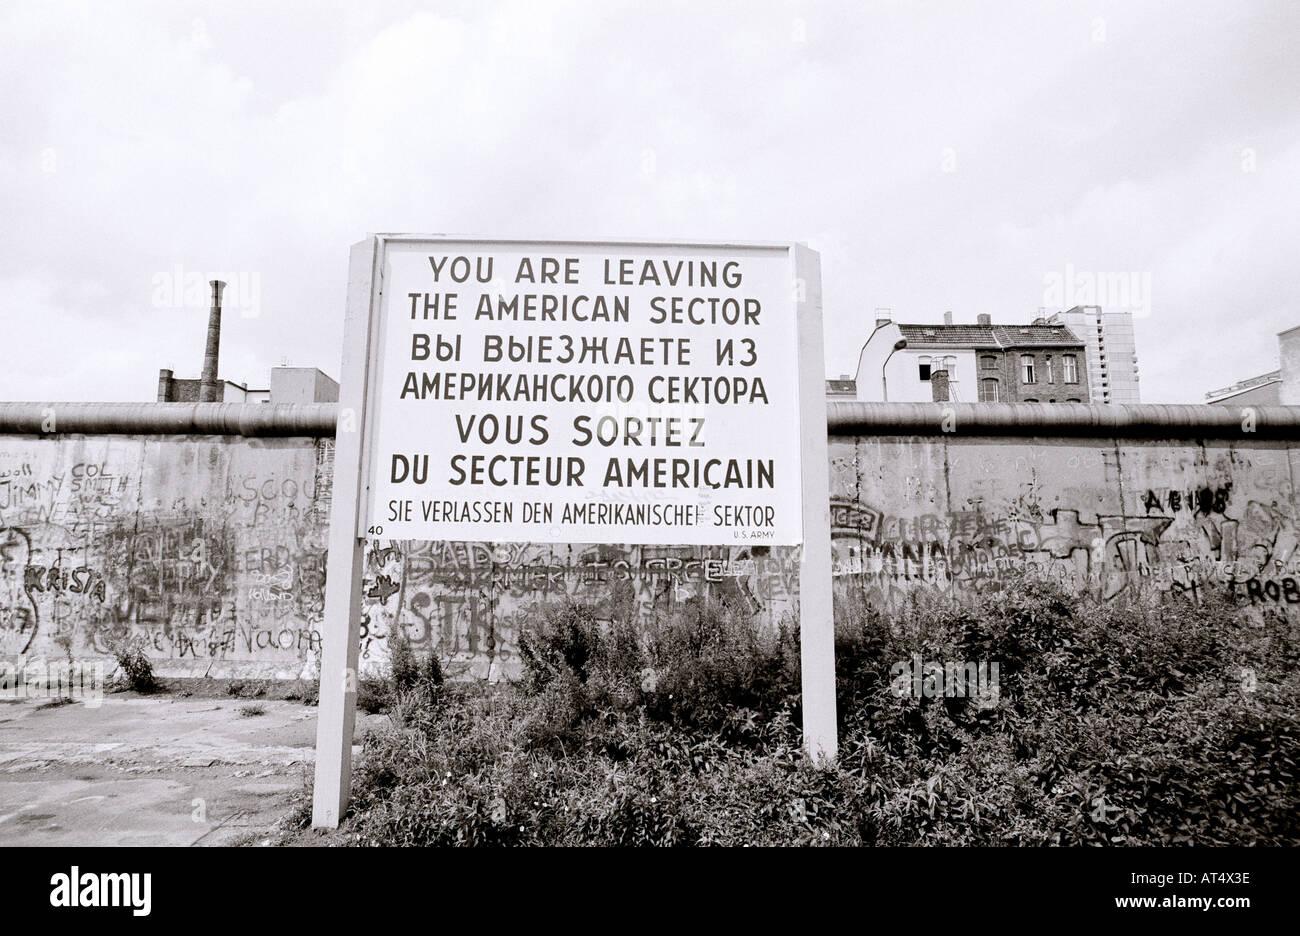 La historia de Europa. El sector estadounidense en el histórico Muro de Berlín en el oeste de Berlín, en Alemania, en Europa durante la Guerra Fría. Imagen De Stock